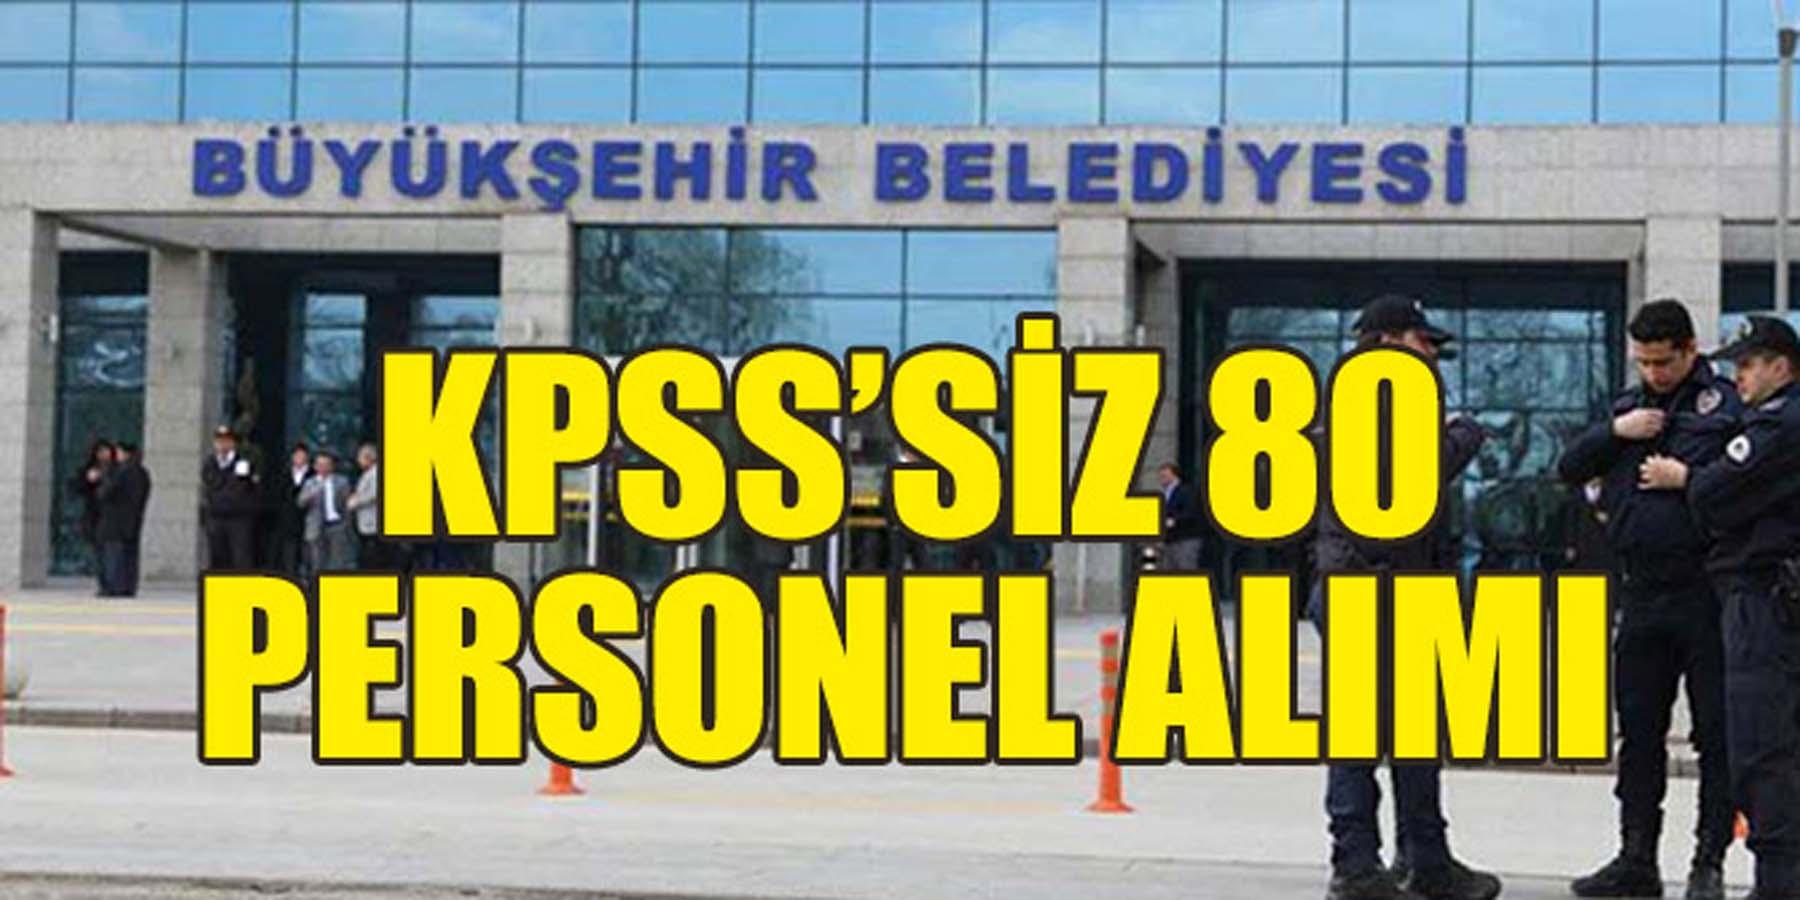 KPSS'siz 80 Sözleşmeli Personel Alımı Büyükşehir Belediyesi Yapıyor